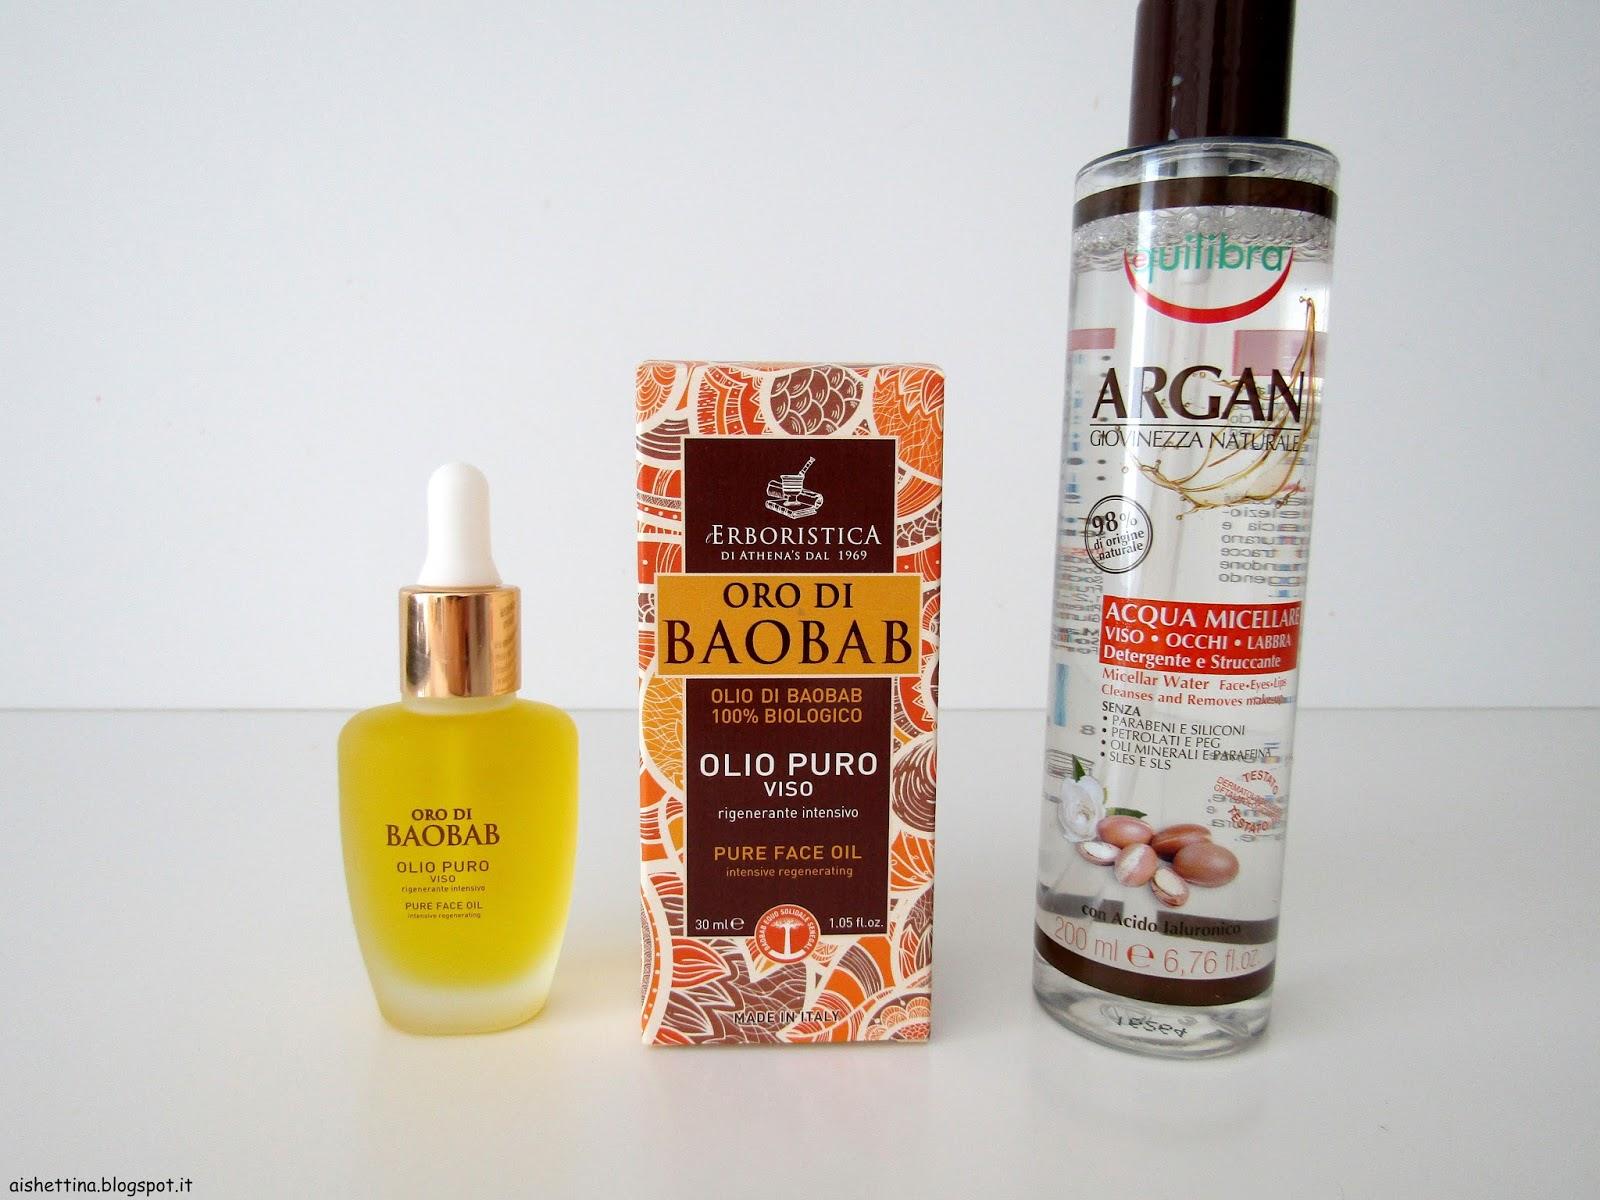 equilibra acqua micellare, oro di baobab erboristica